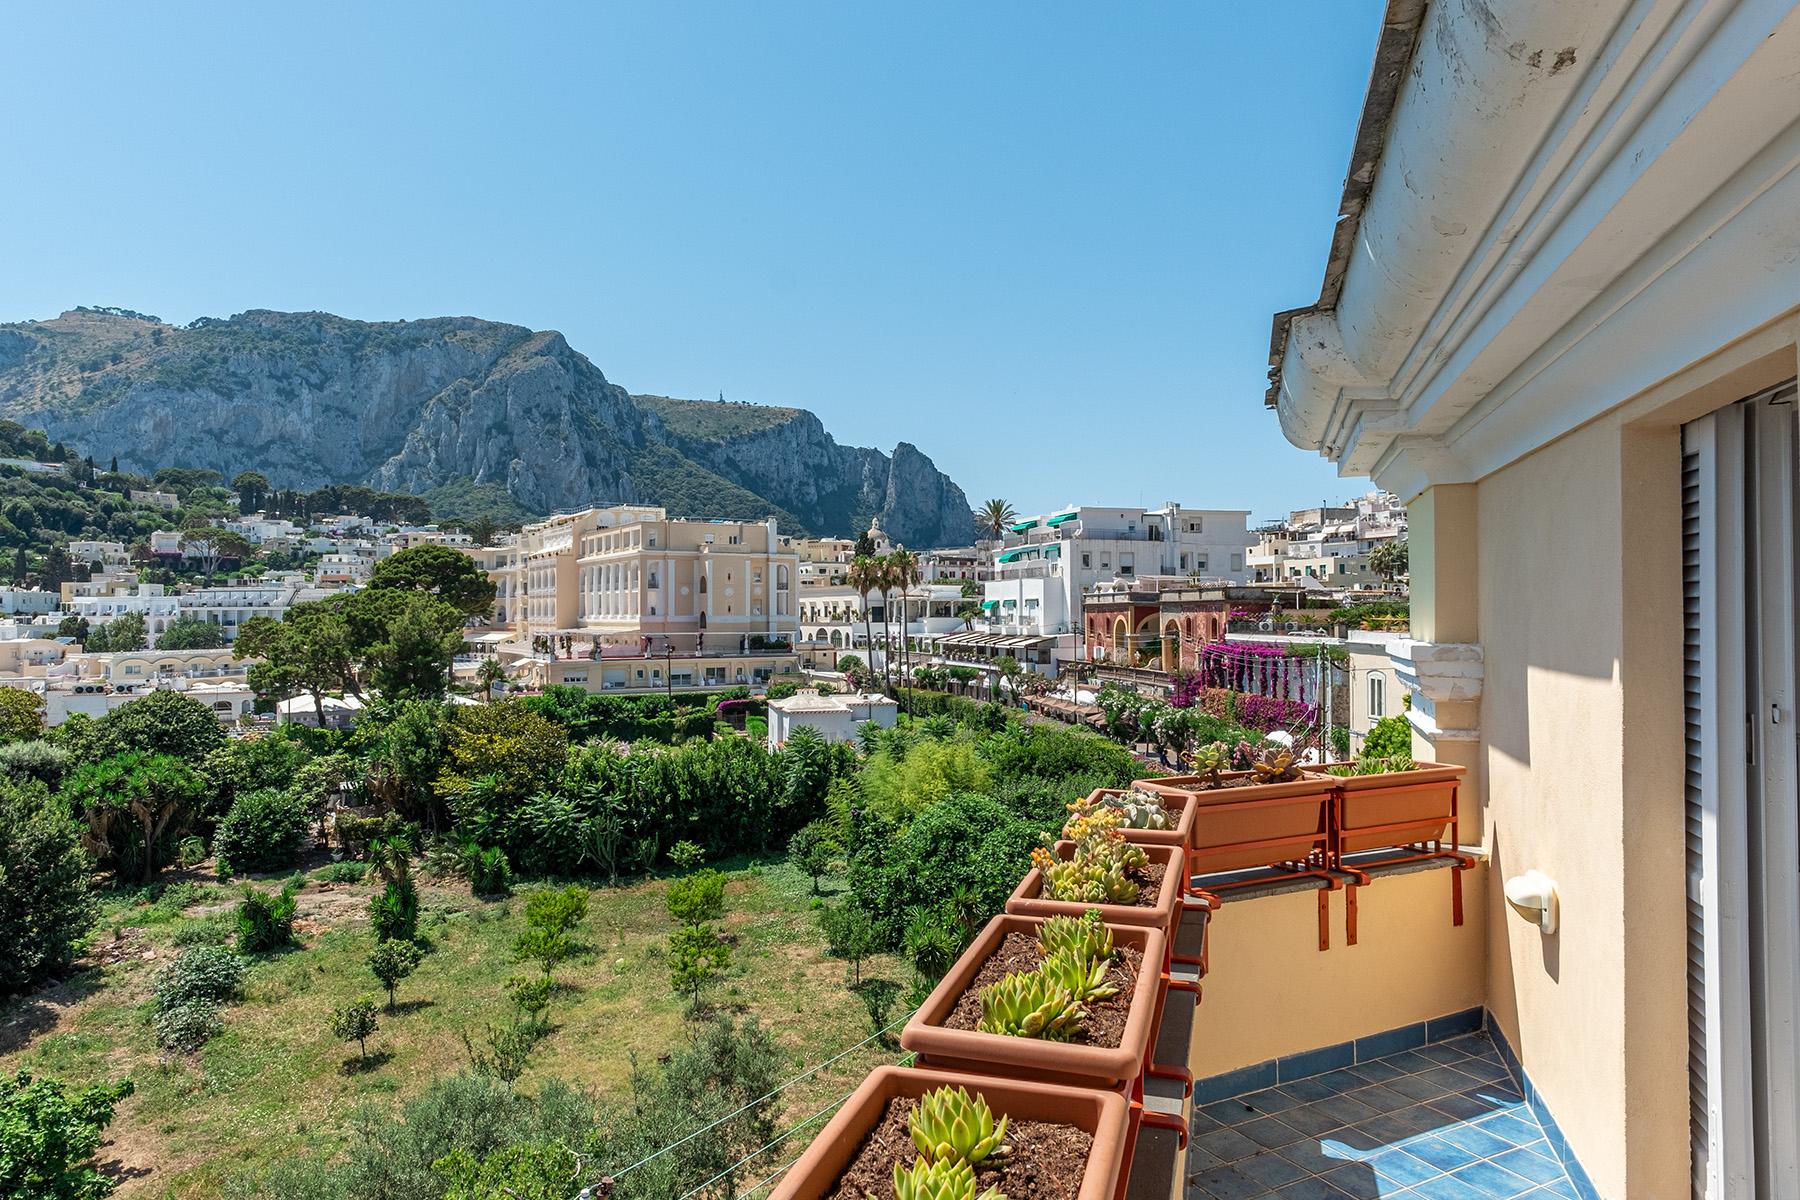 Attico in Vendita a Capri: 5 locali, 160 mq - Foto 10